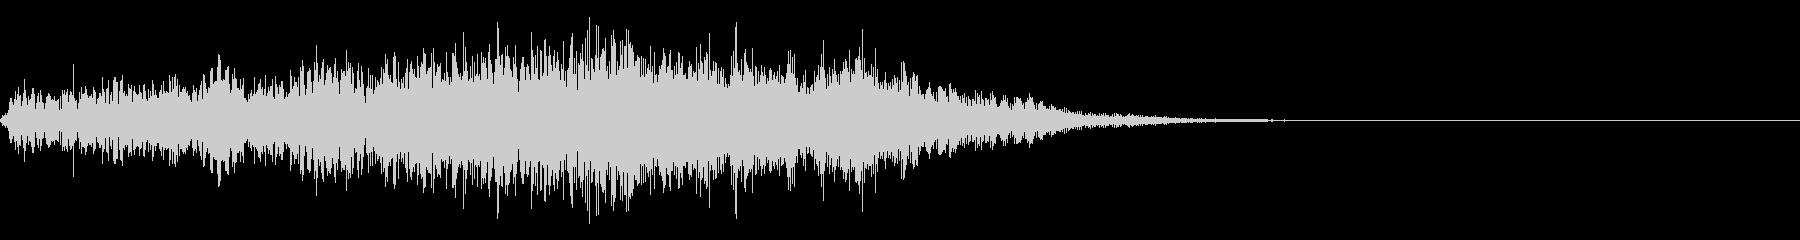 ホラー系導入音_その6の未再生の波形